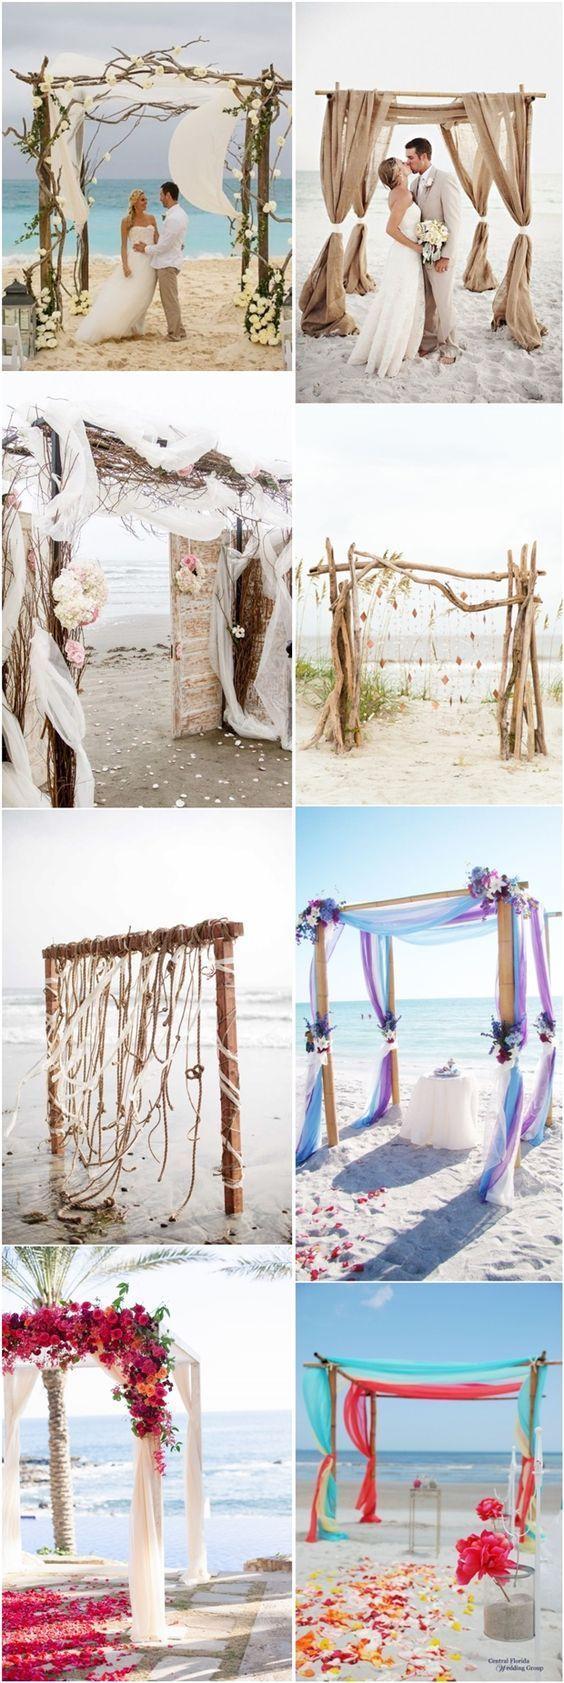 40+ Great Ideas of Beach Wedding Arches | Beach wedding arches ...